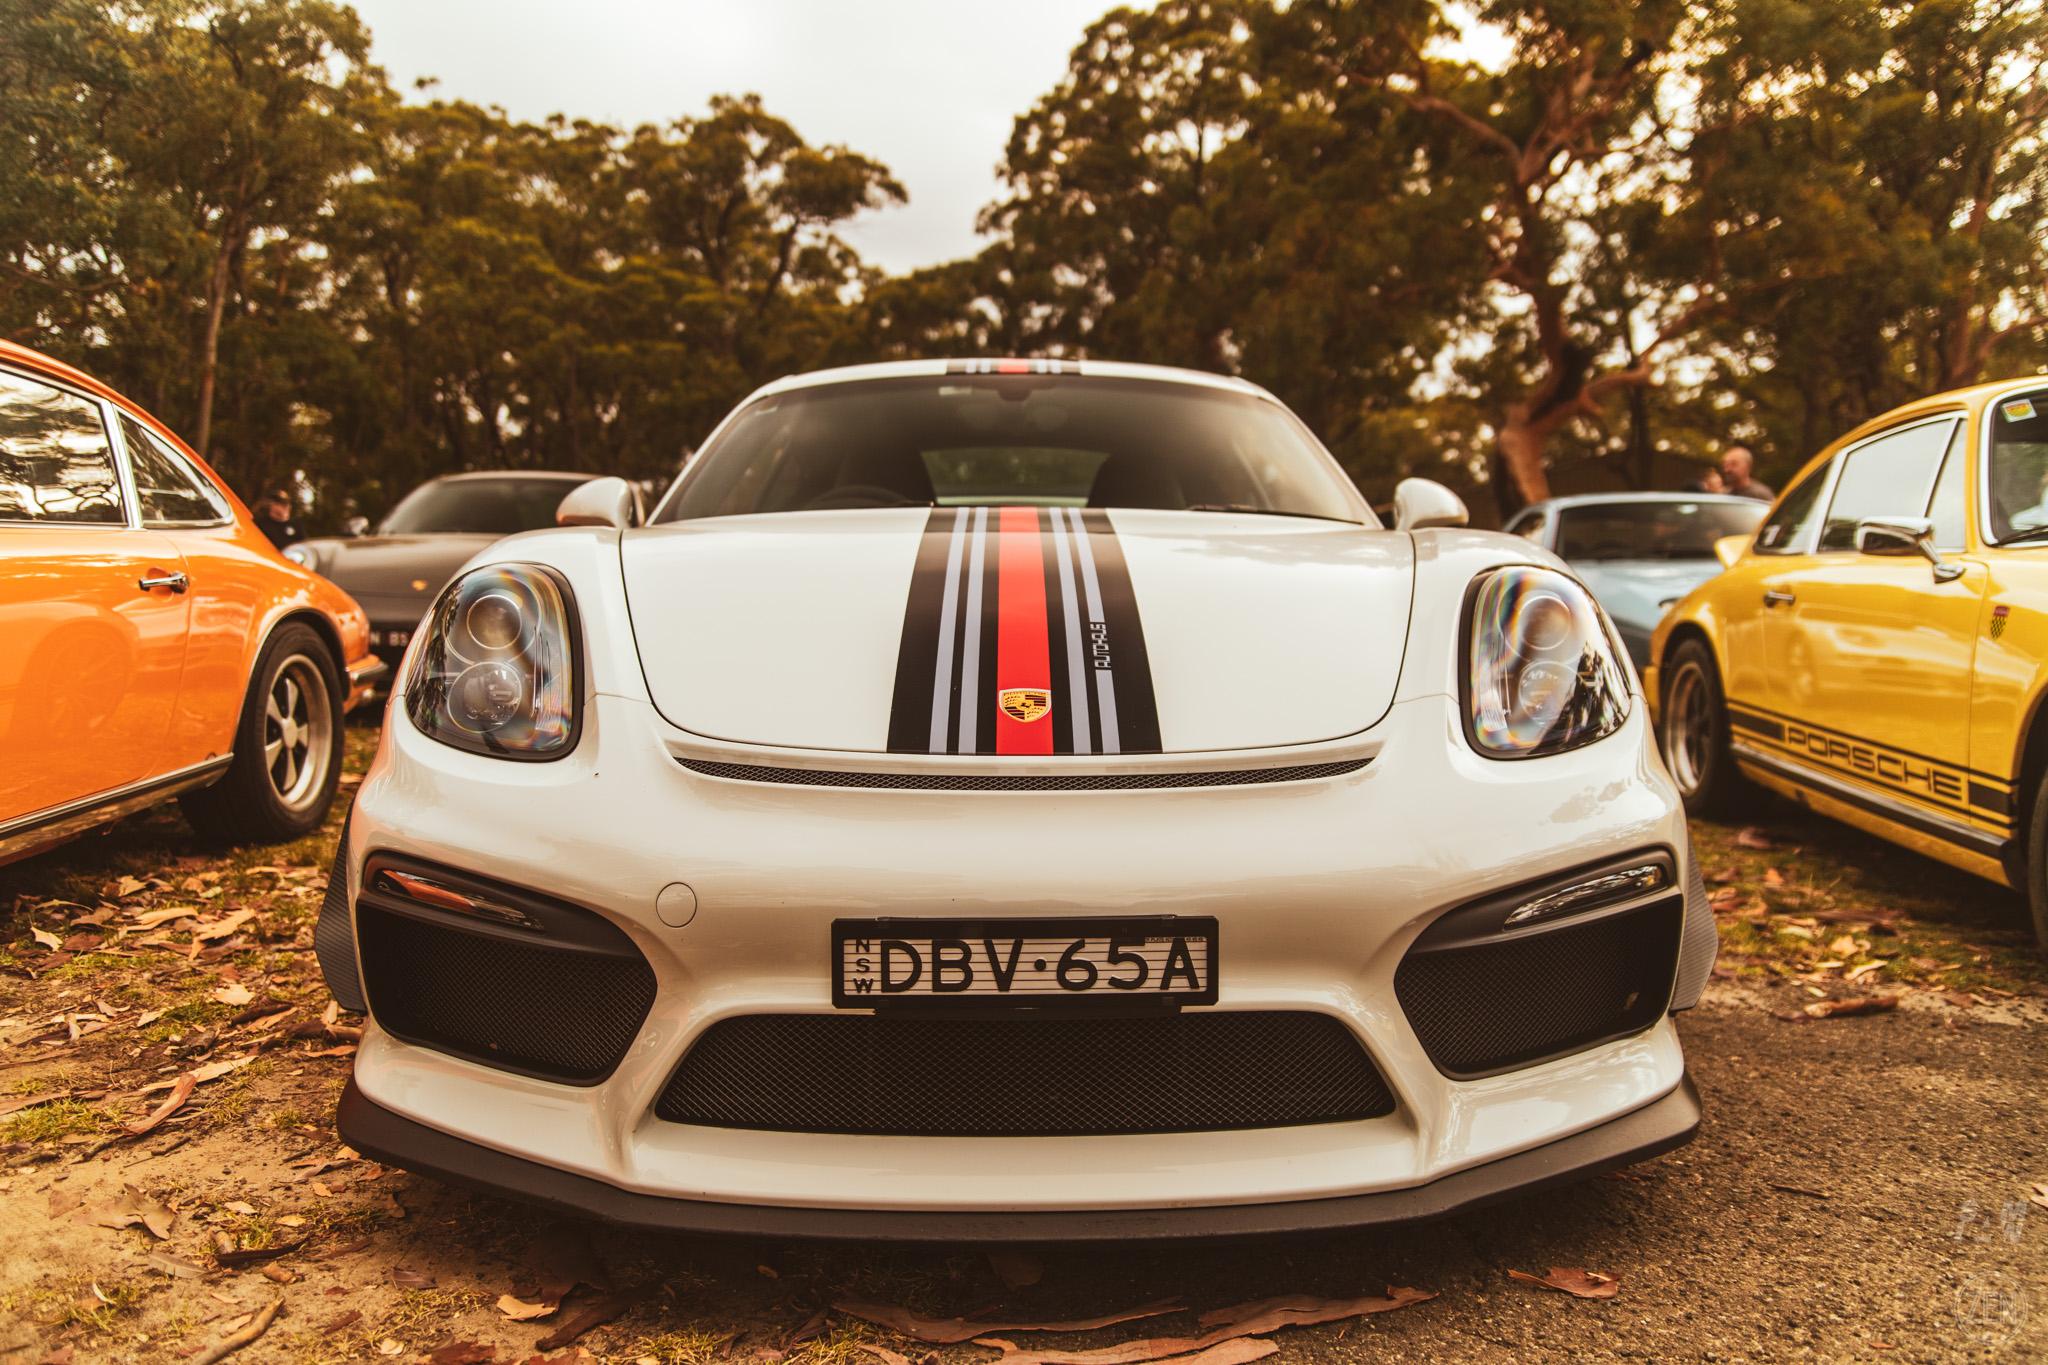 2019-12-08 - Porsches & Coffee 023